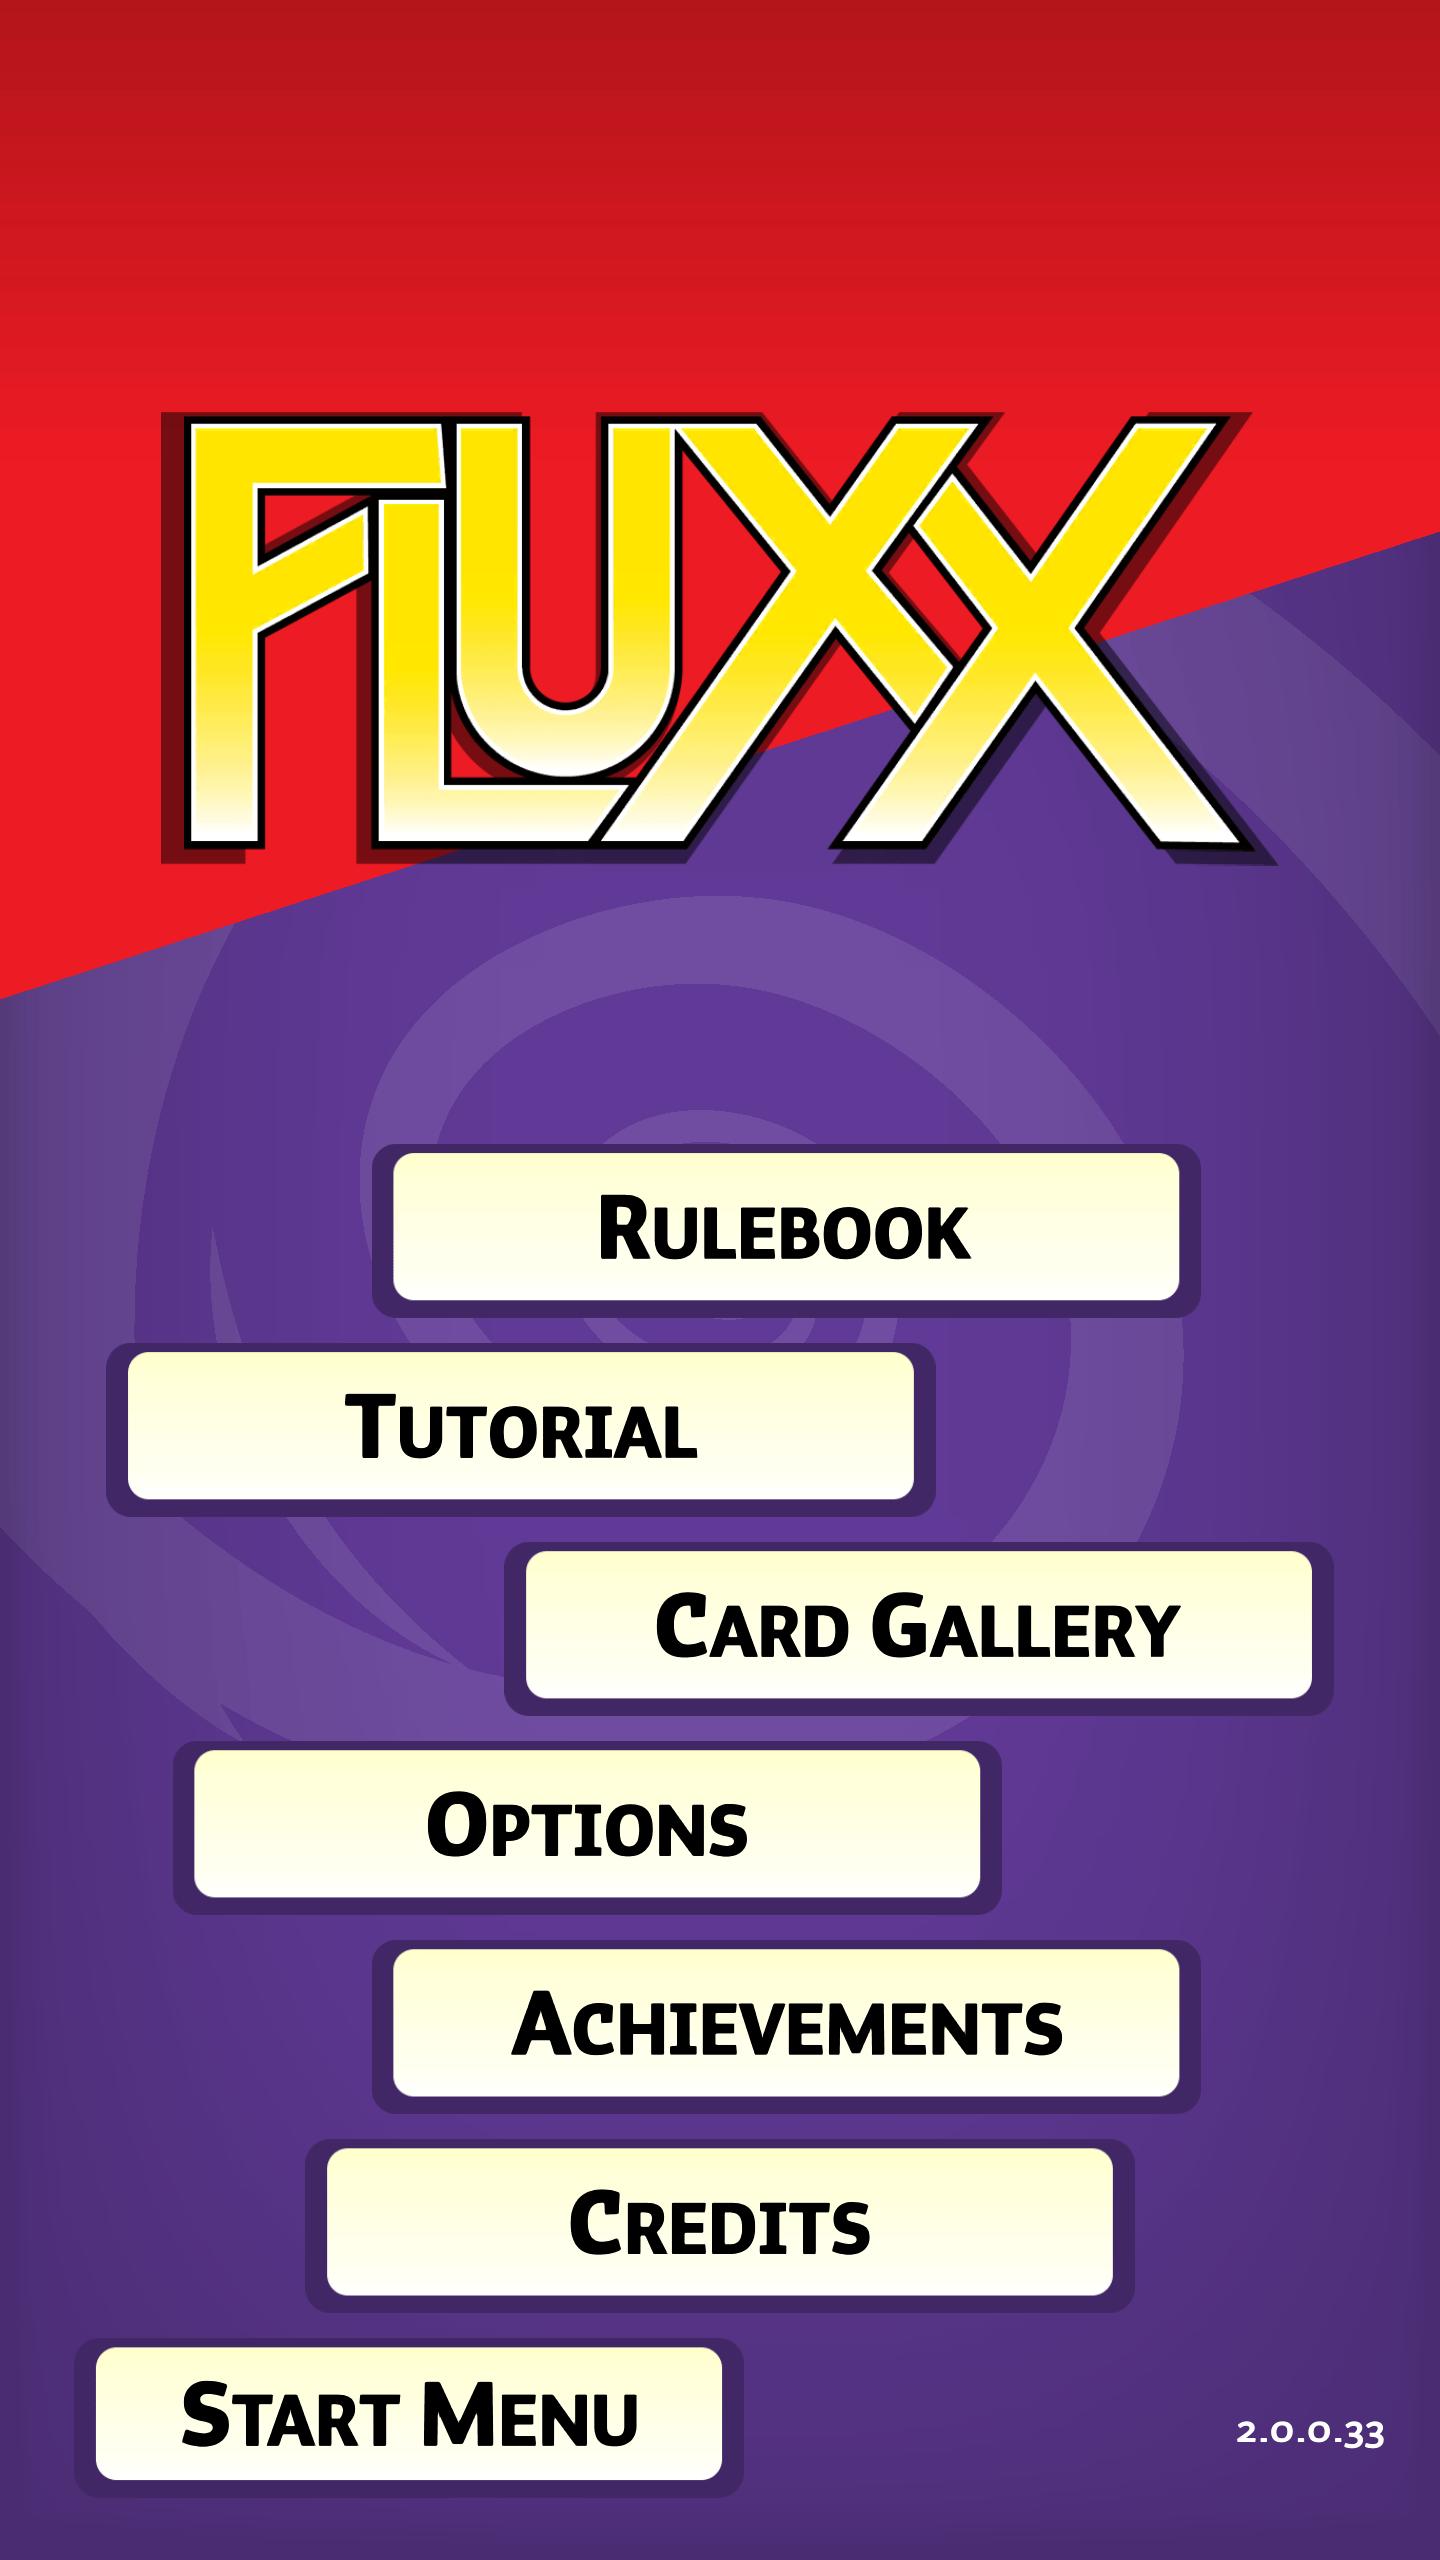 fluxx - menu